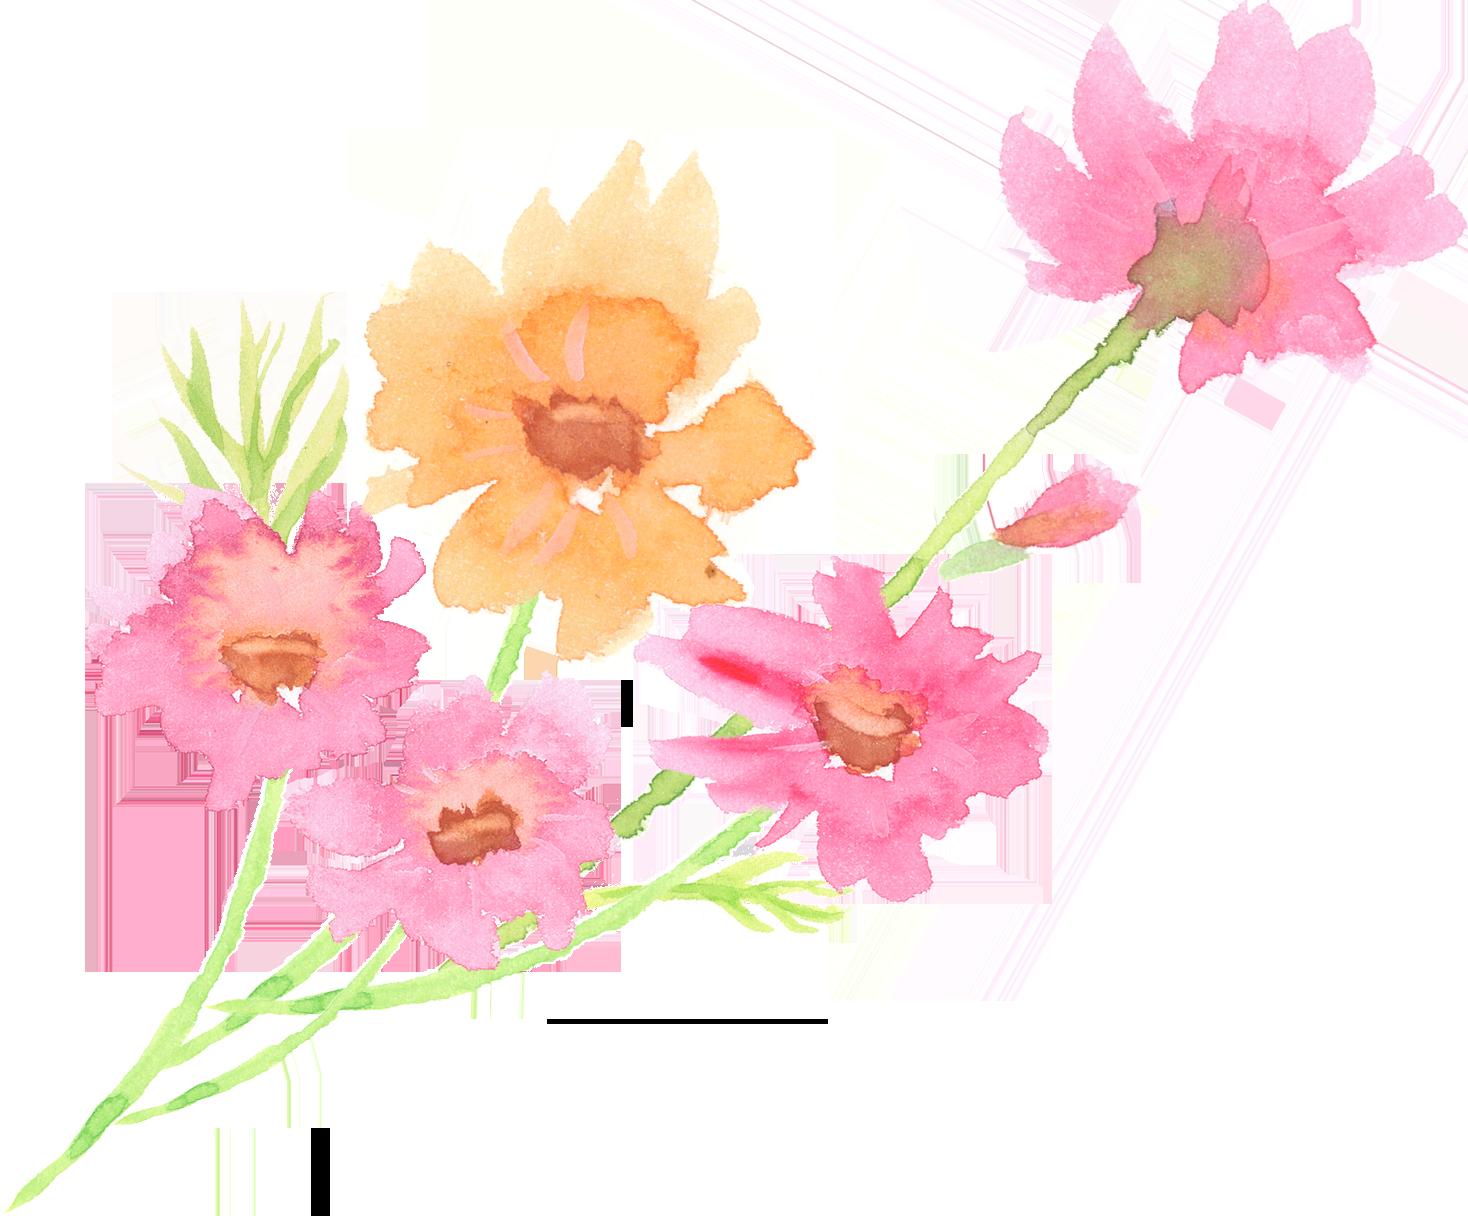 水彩 コスモス 花 束 イラスト 無料 | イラストダウンロード